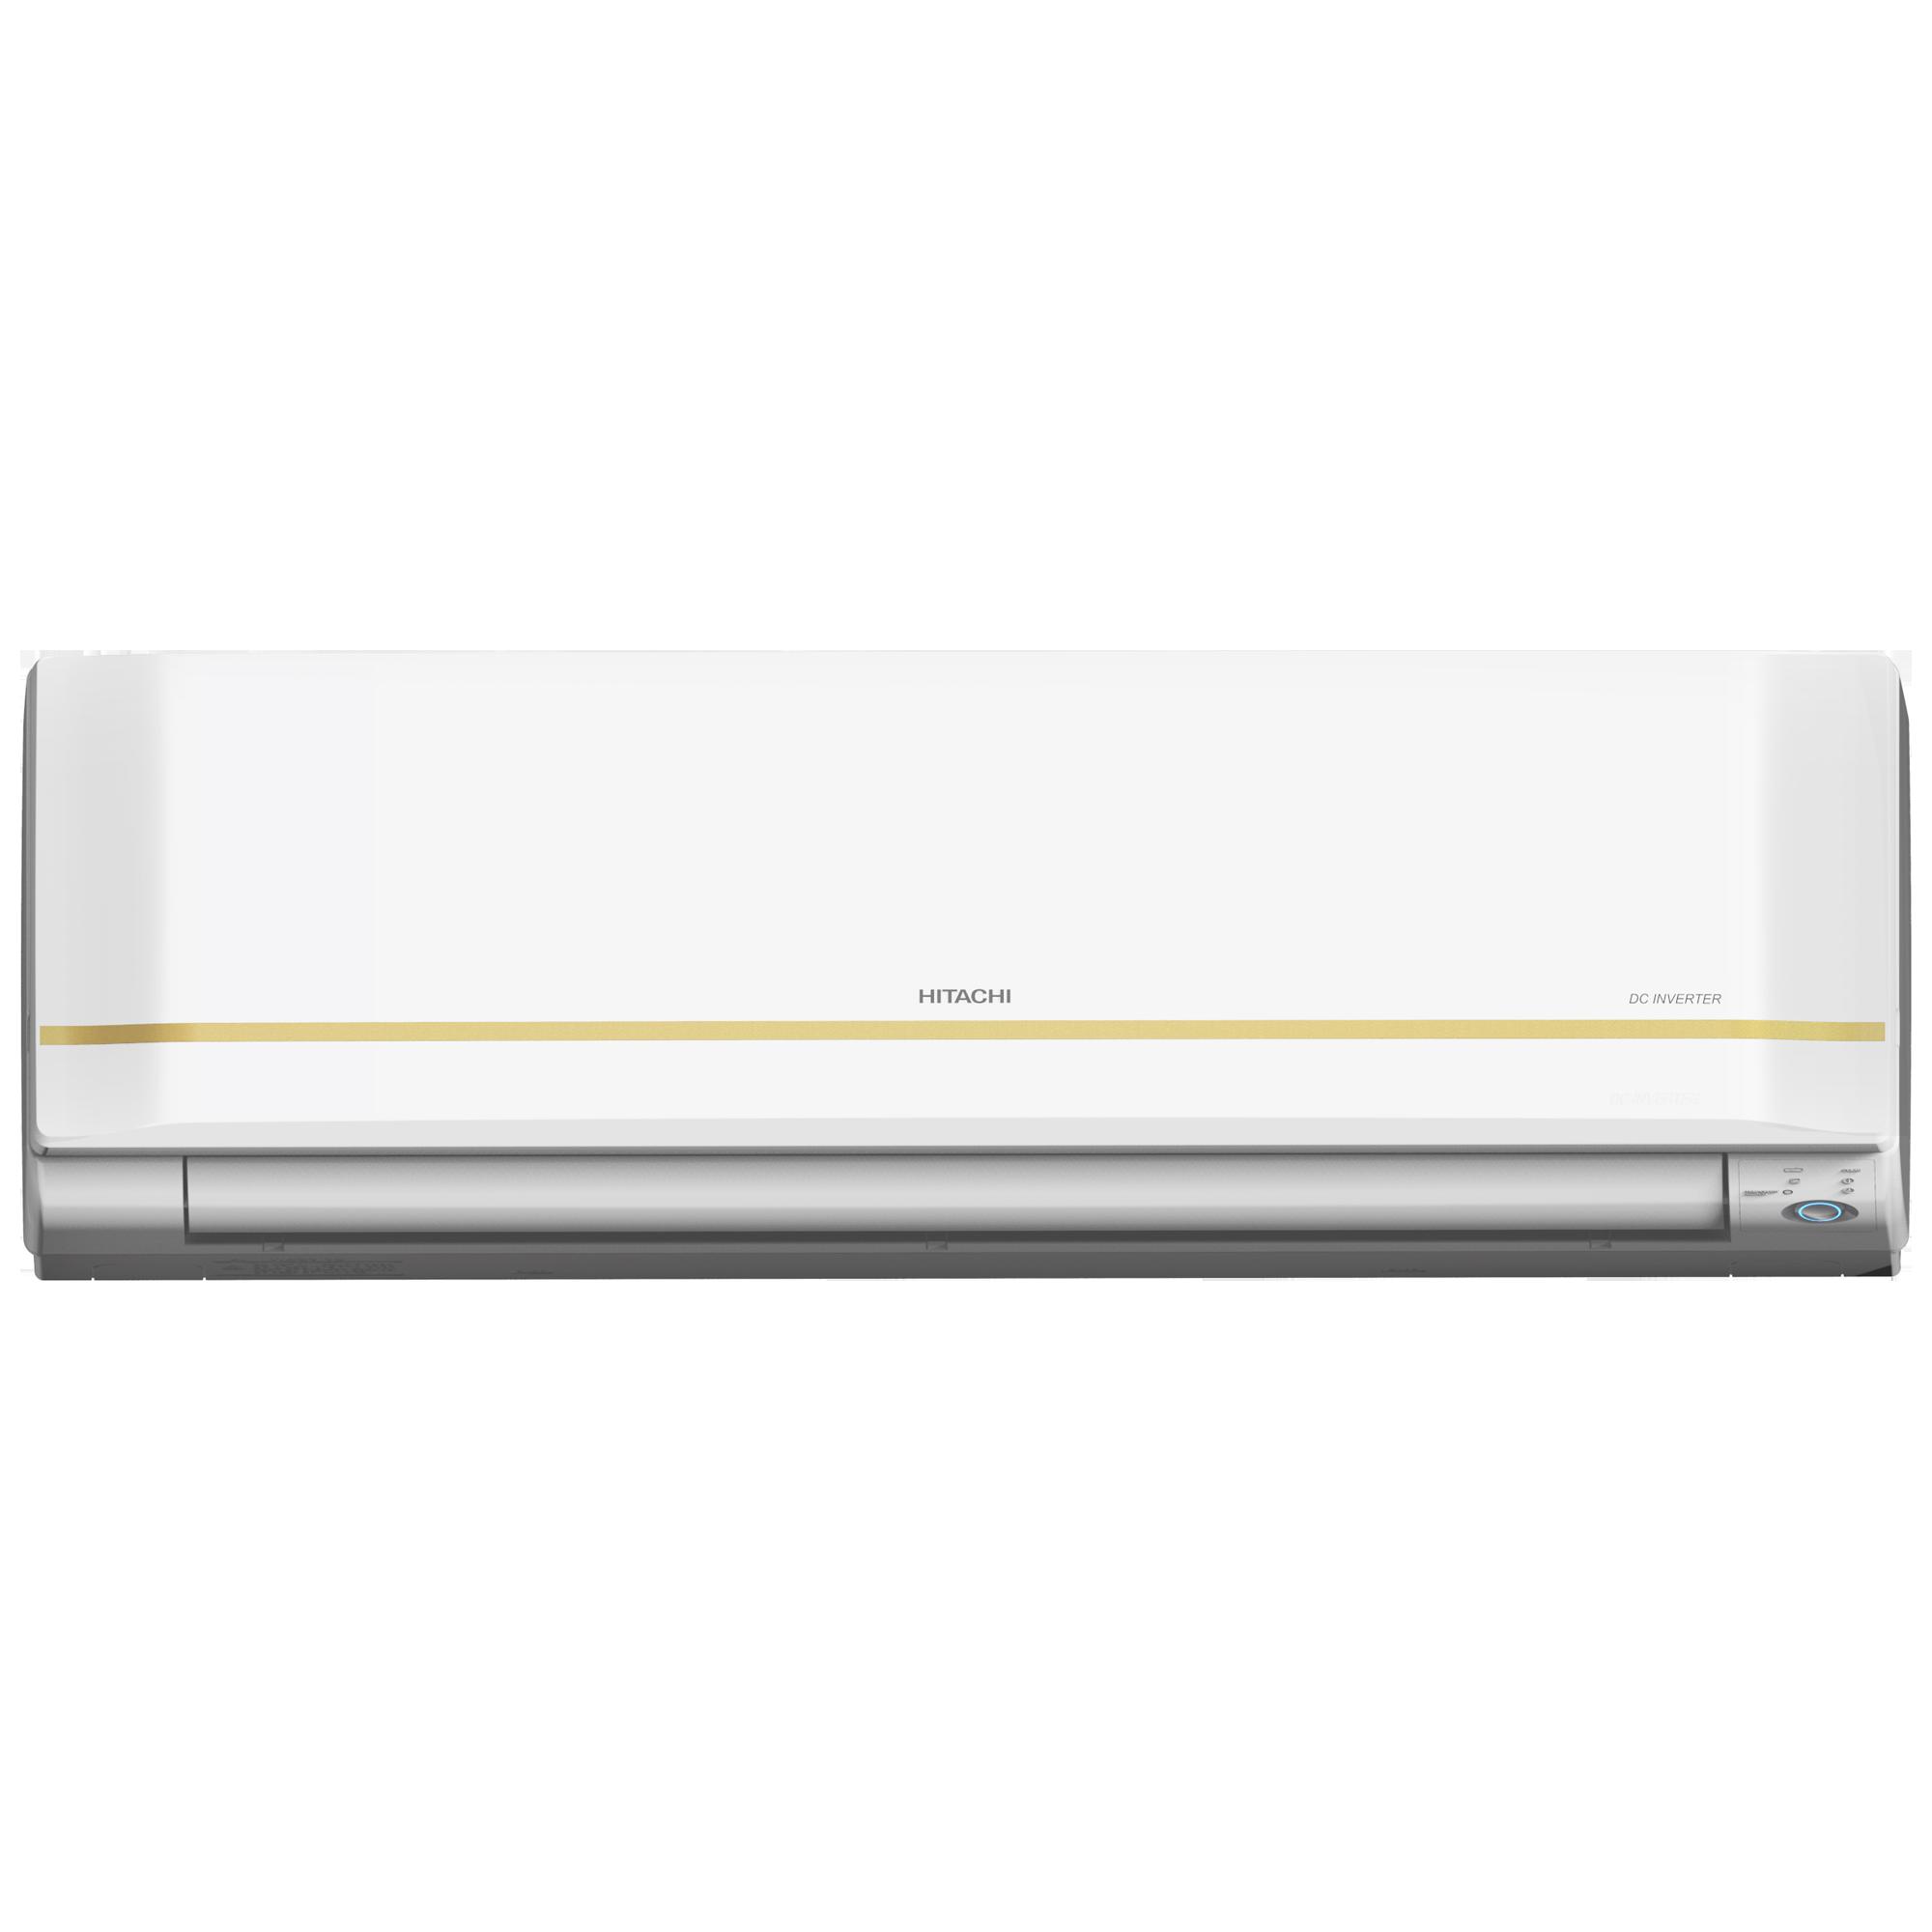 Hitachi Shizen 3100S Champion 1.25 Ton 3 Star Inverter Split AC (Copper Condenser, RSPG315HEEA, White)_1